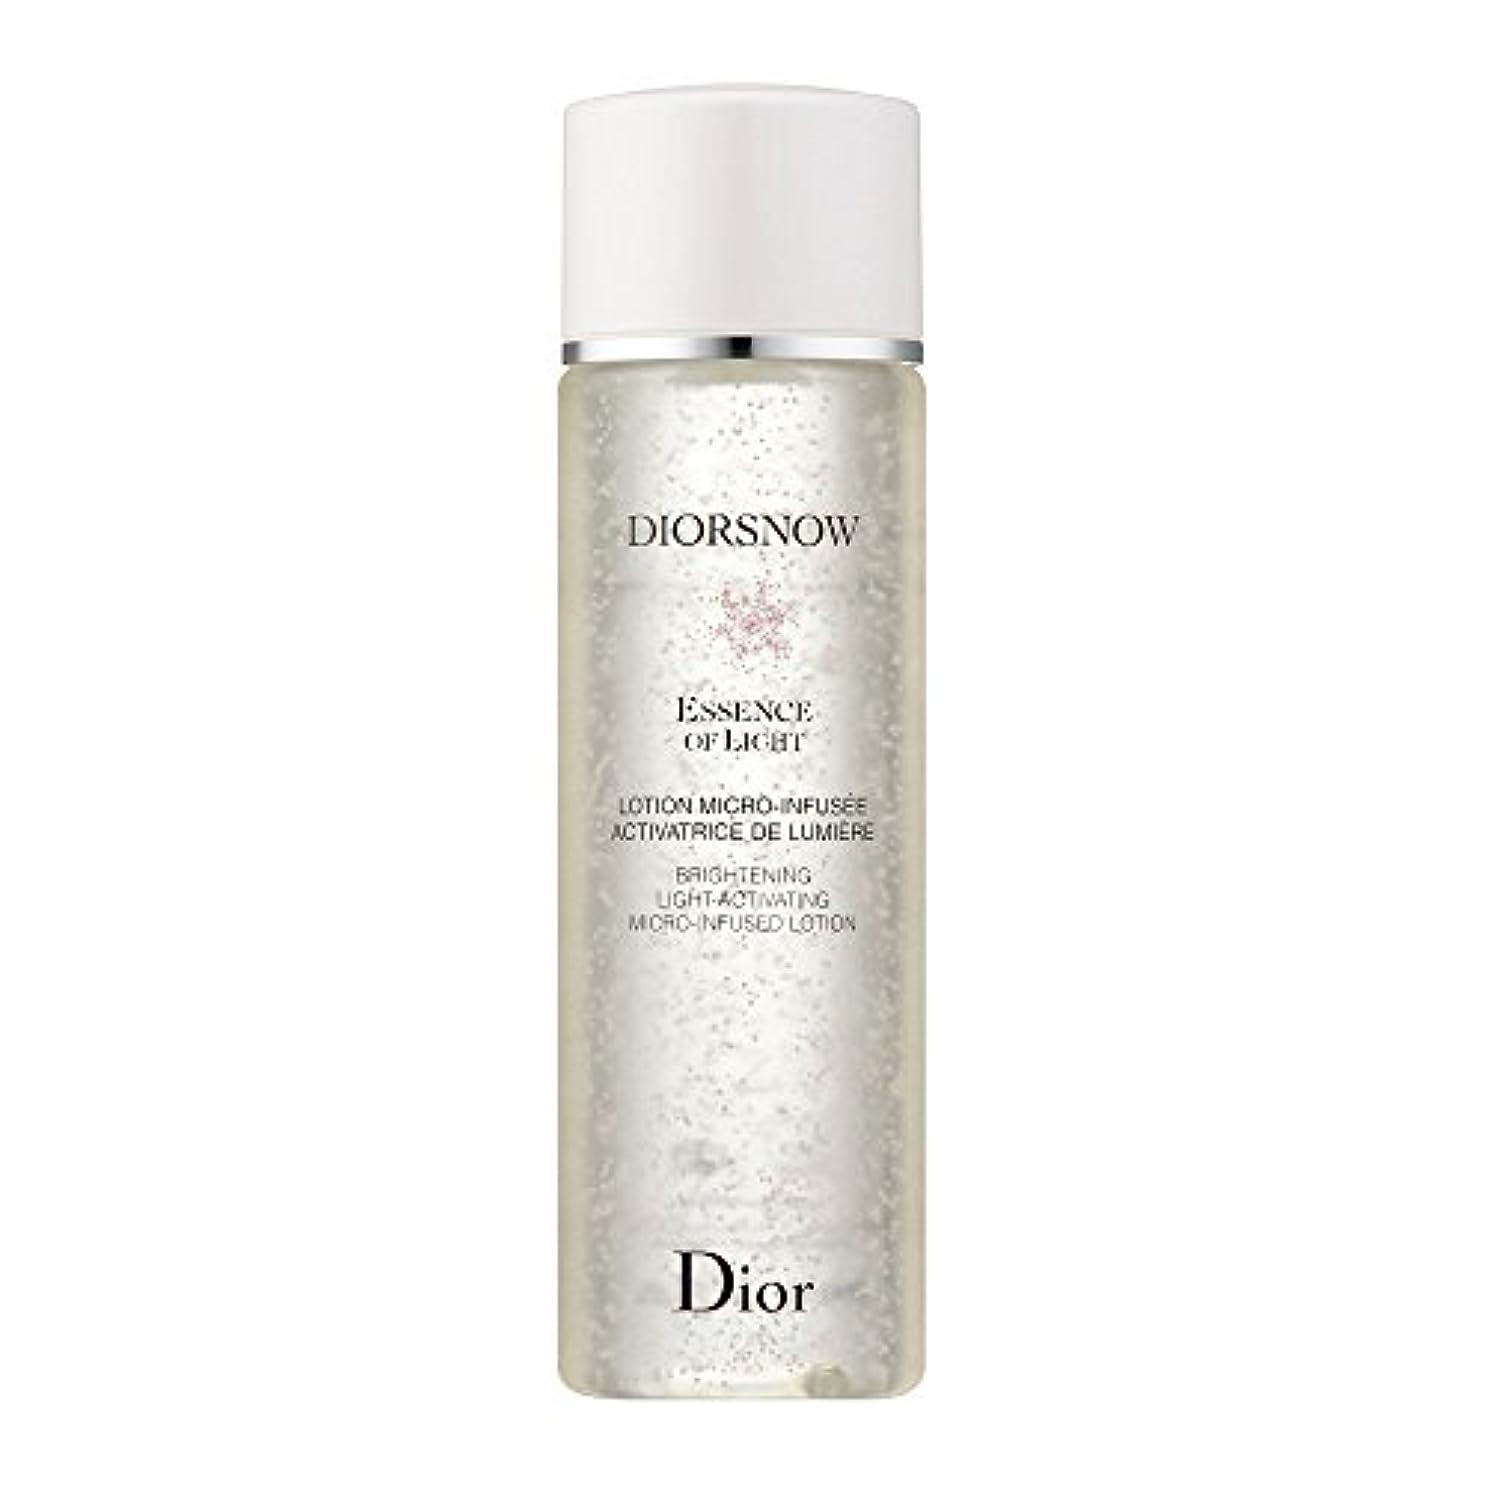 偶然フィードバッテリークリスチャン ディオール(Christian Dior) スノー ブライトニング エッセンスローション 200ml[並行輸入品]